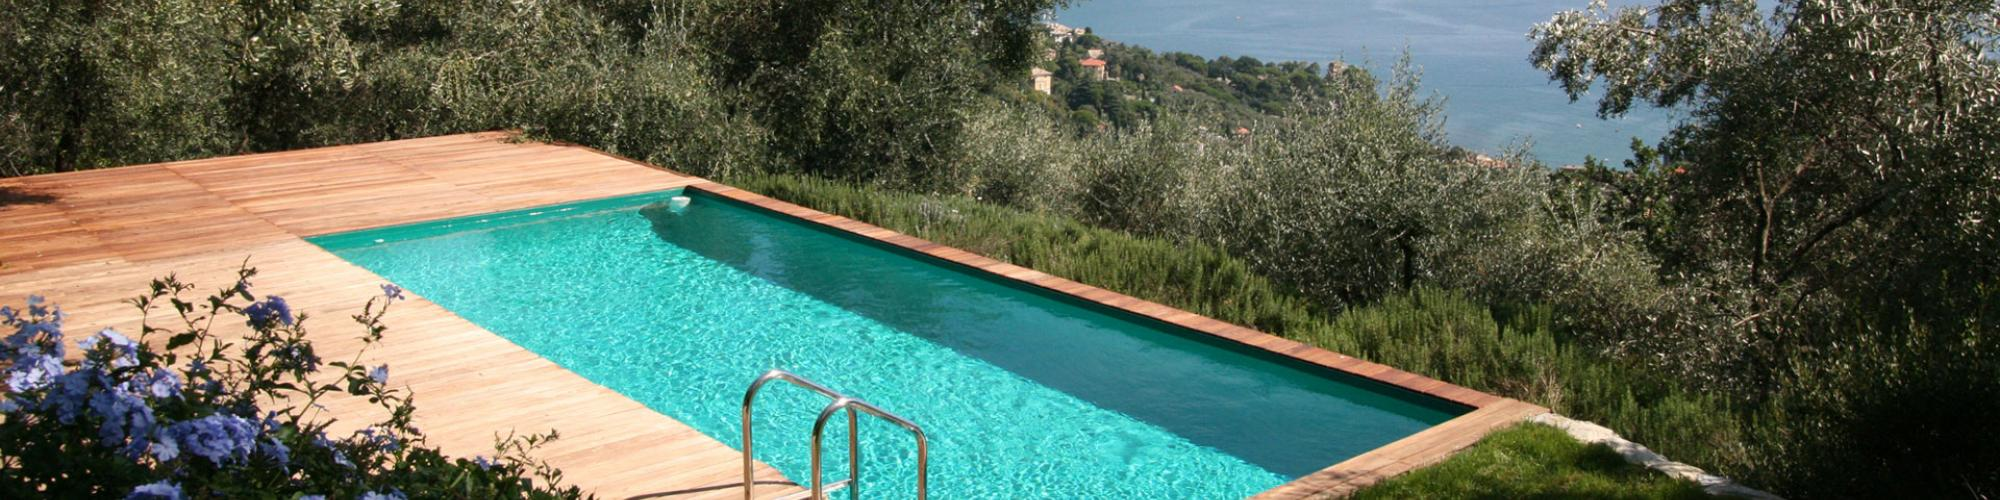 piscine soppalcate